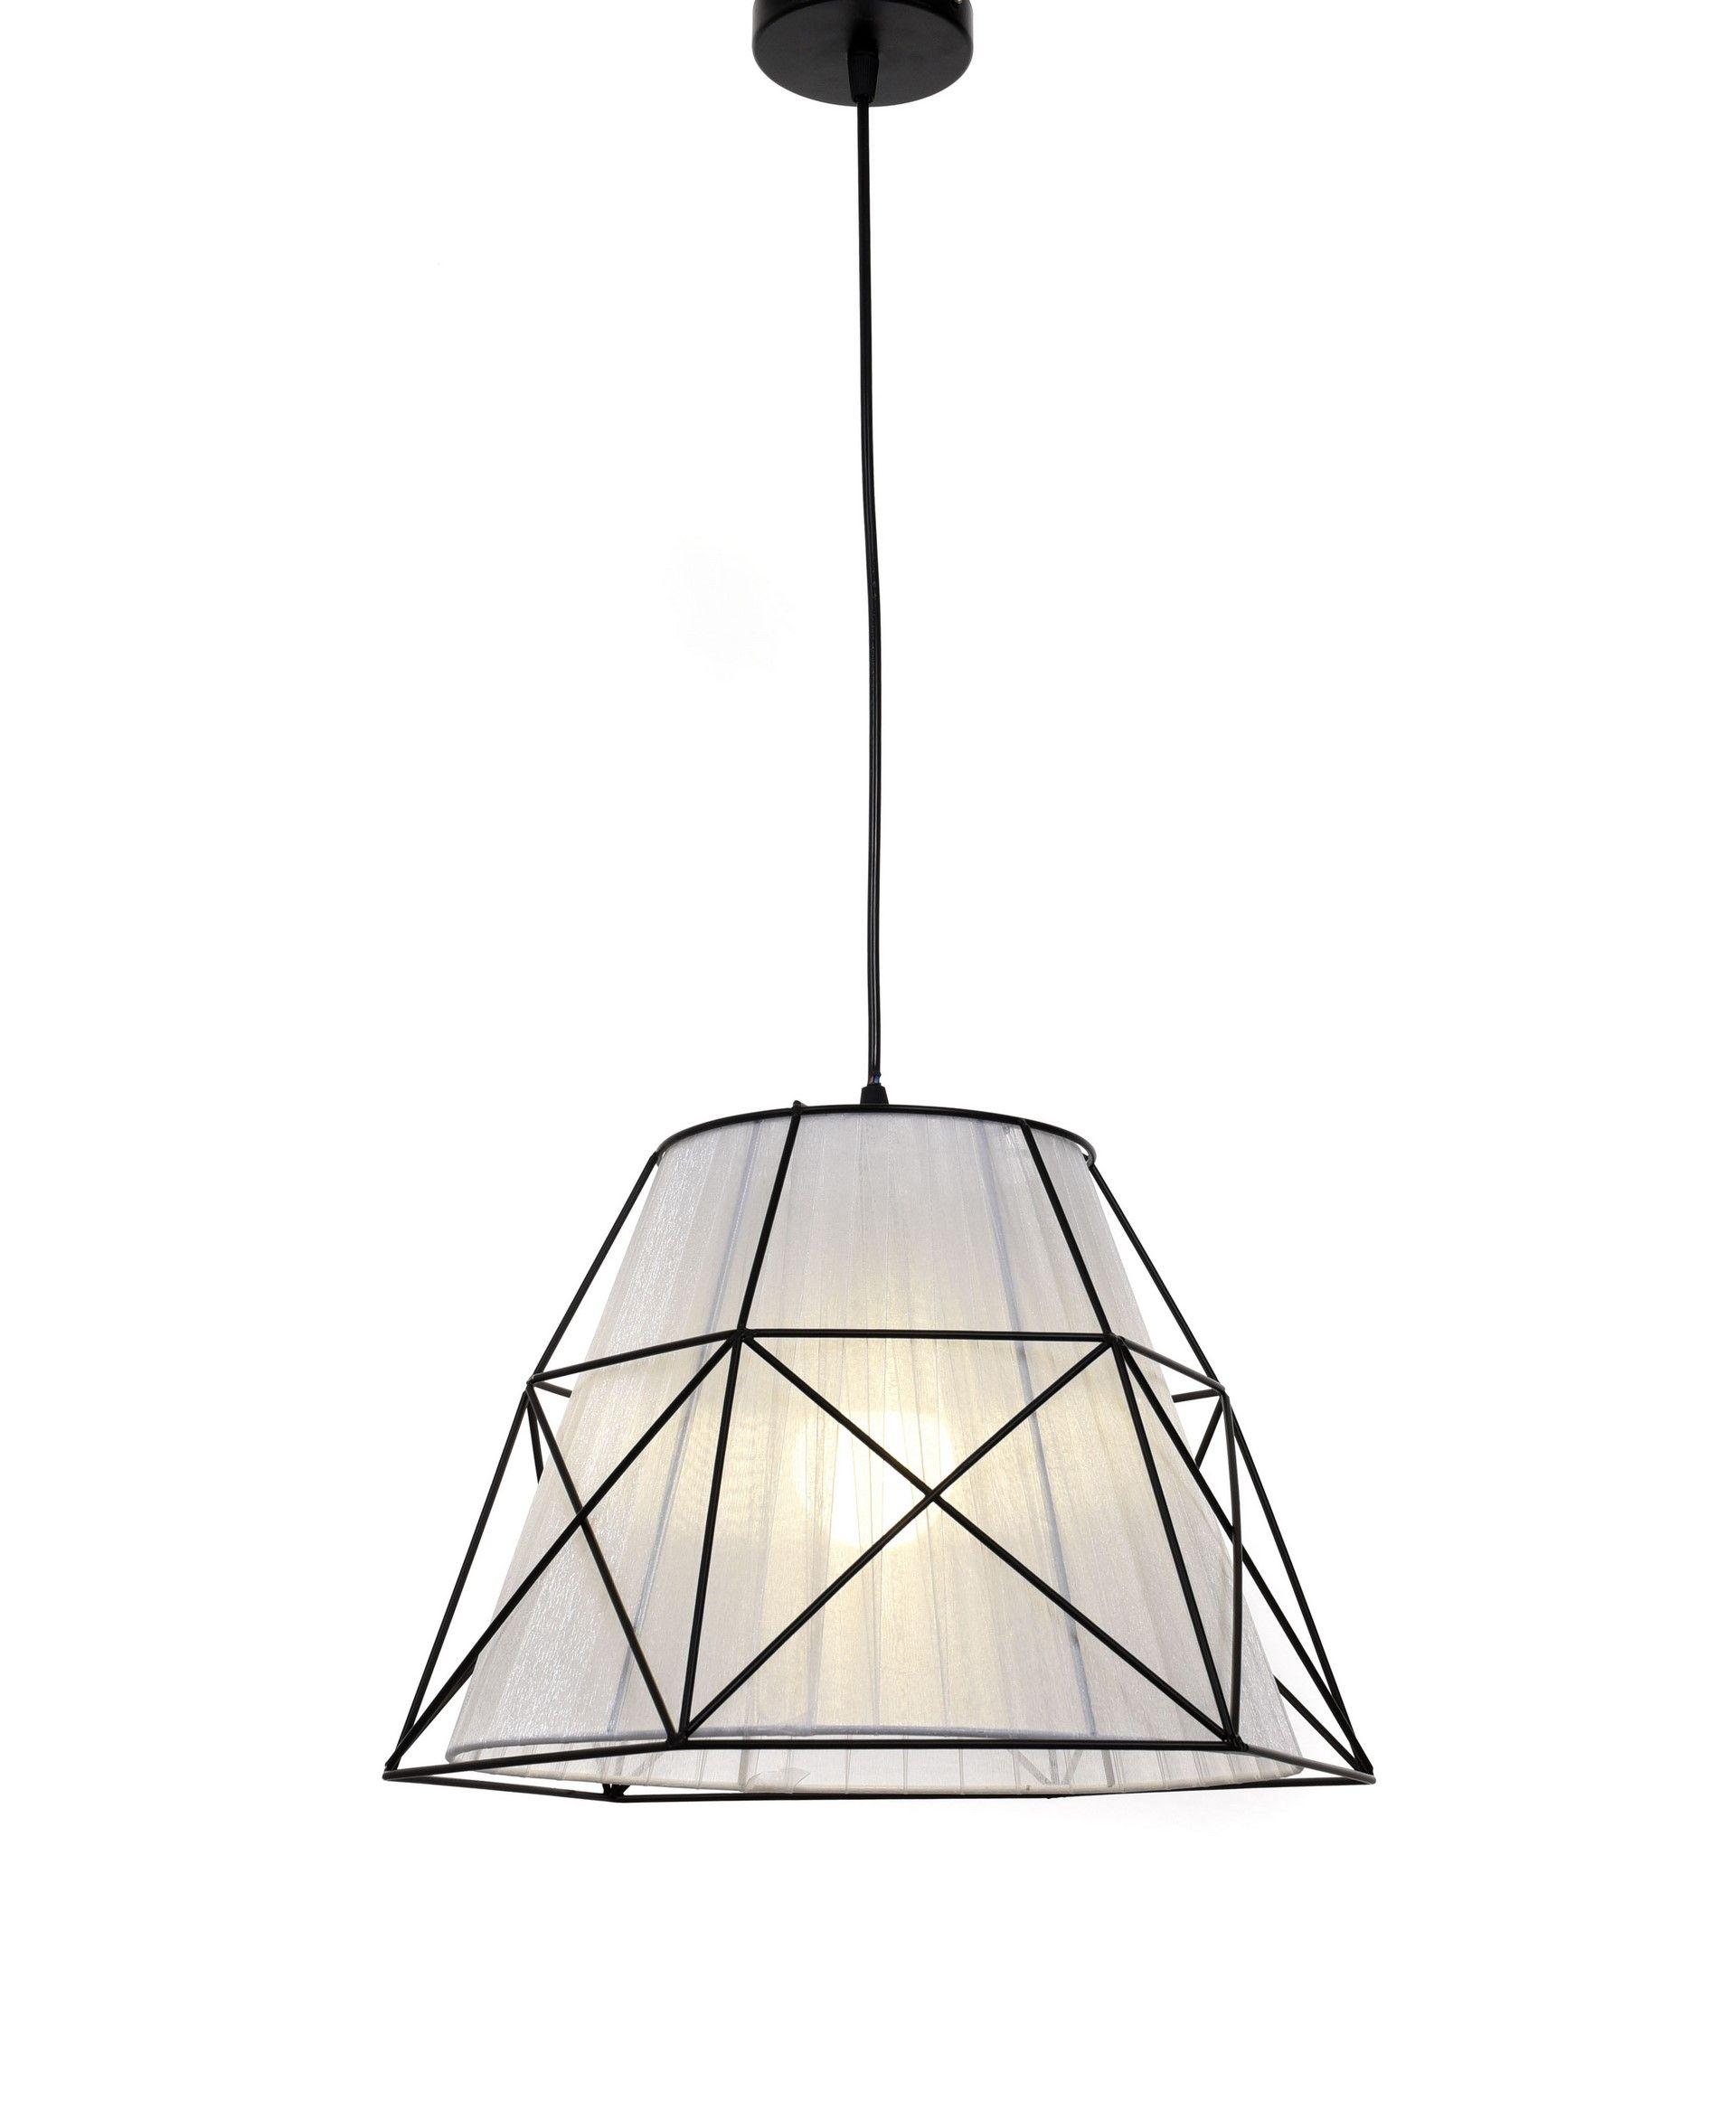 Подвесной светильник Lumina Deco Boneti LDP 8002 BK+WT, 1xE27x40W, черный, черный с белым, металл, текстиль - фото 4